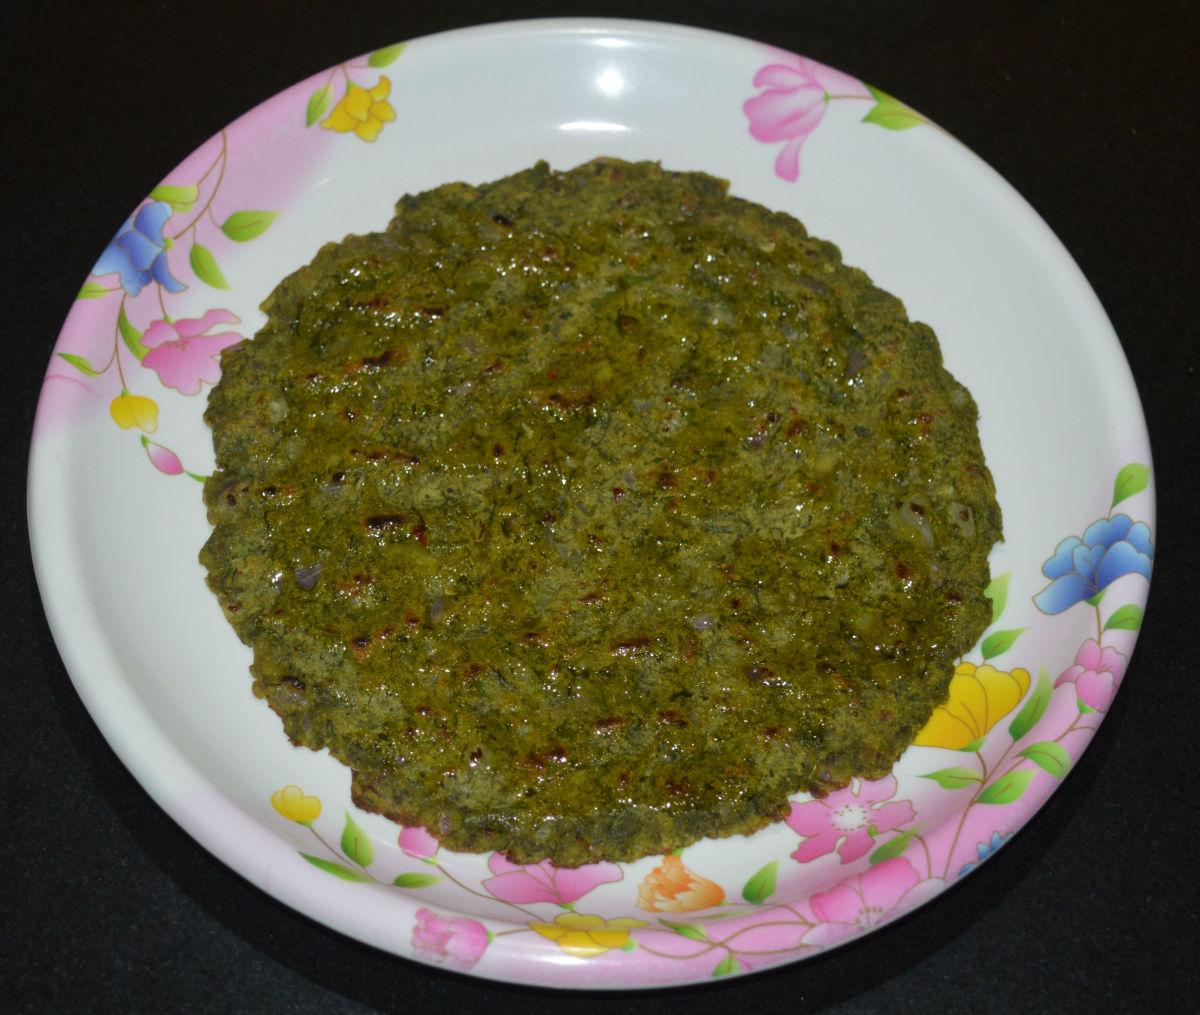 Gluten-Free Green Masala Jowar Roti (Green Spicy Sorghum Pancake)